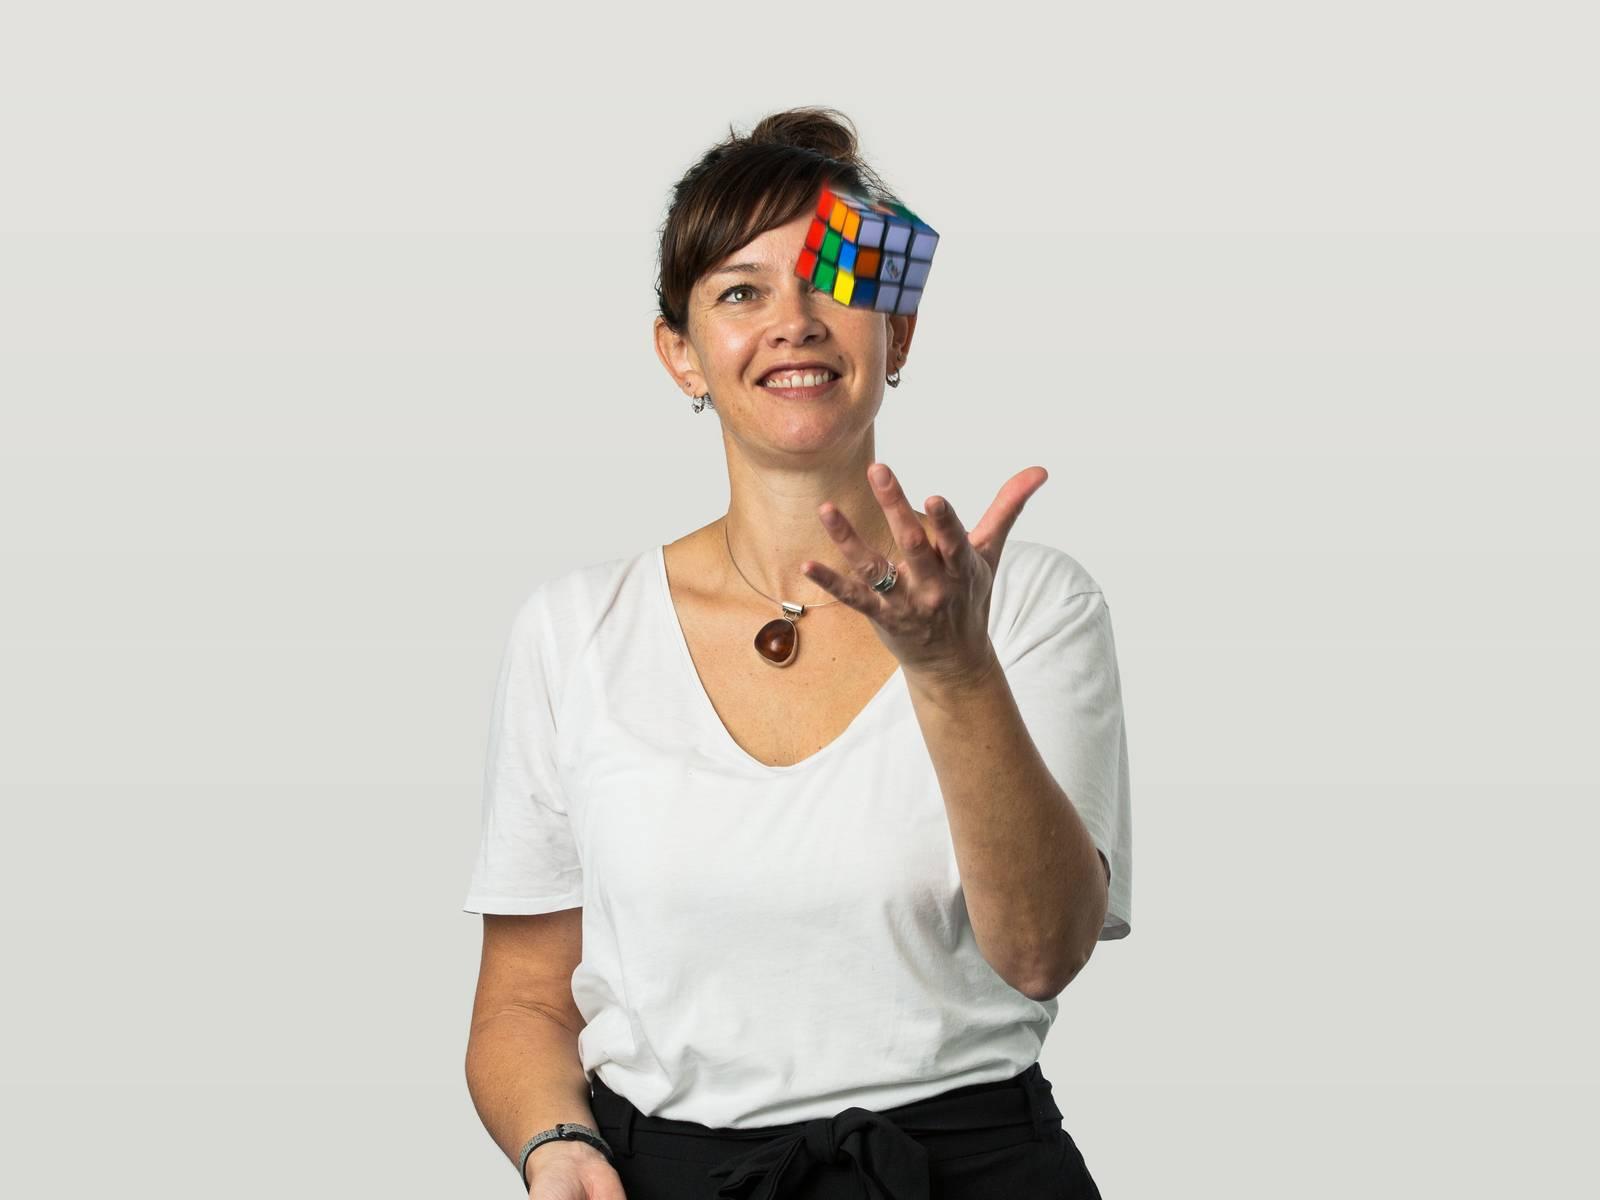 Ana catching a Rubix cube